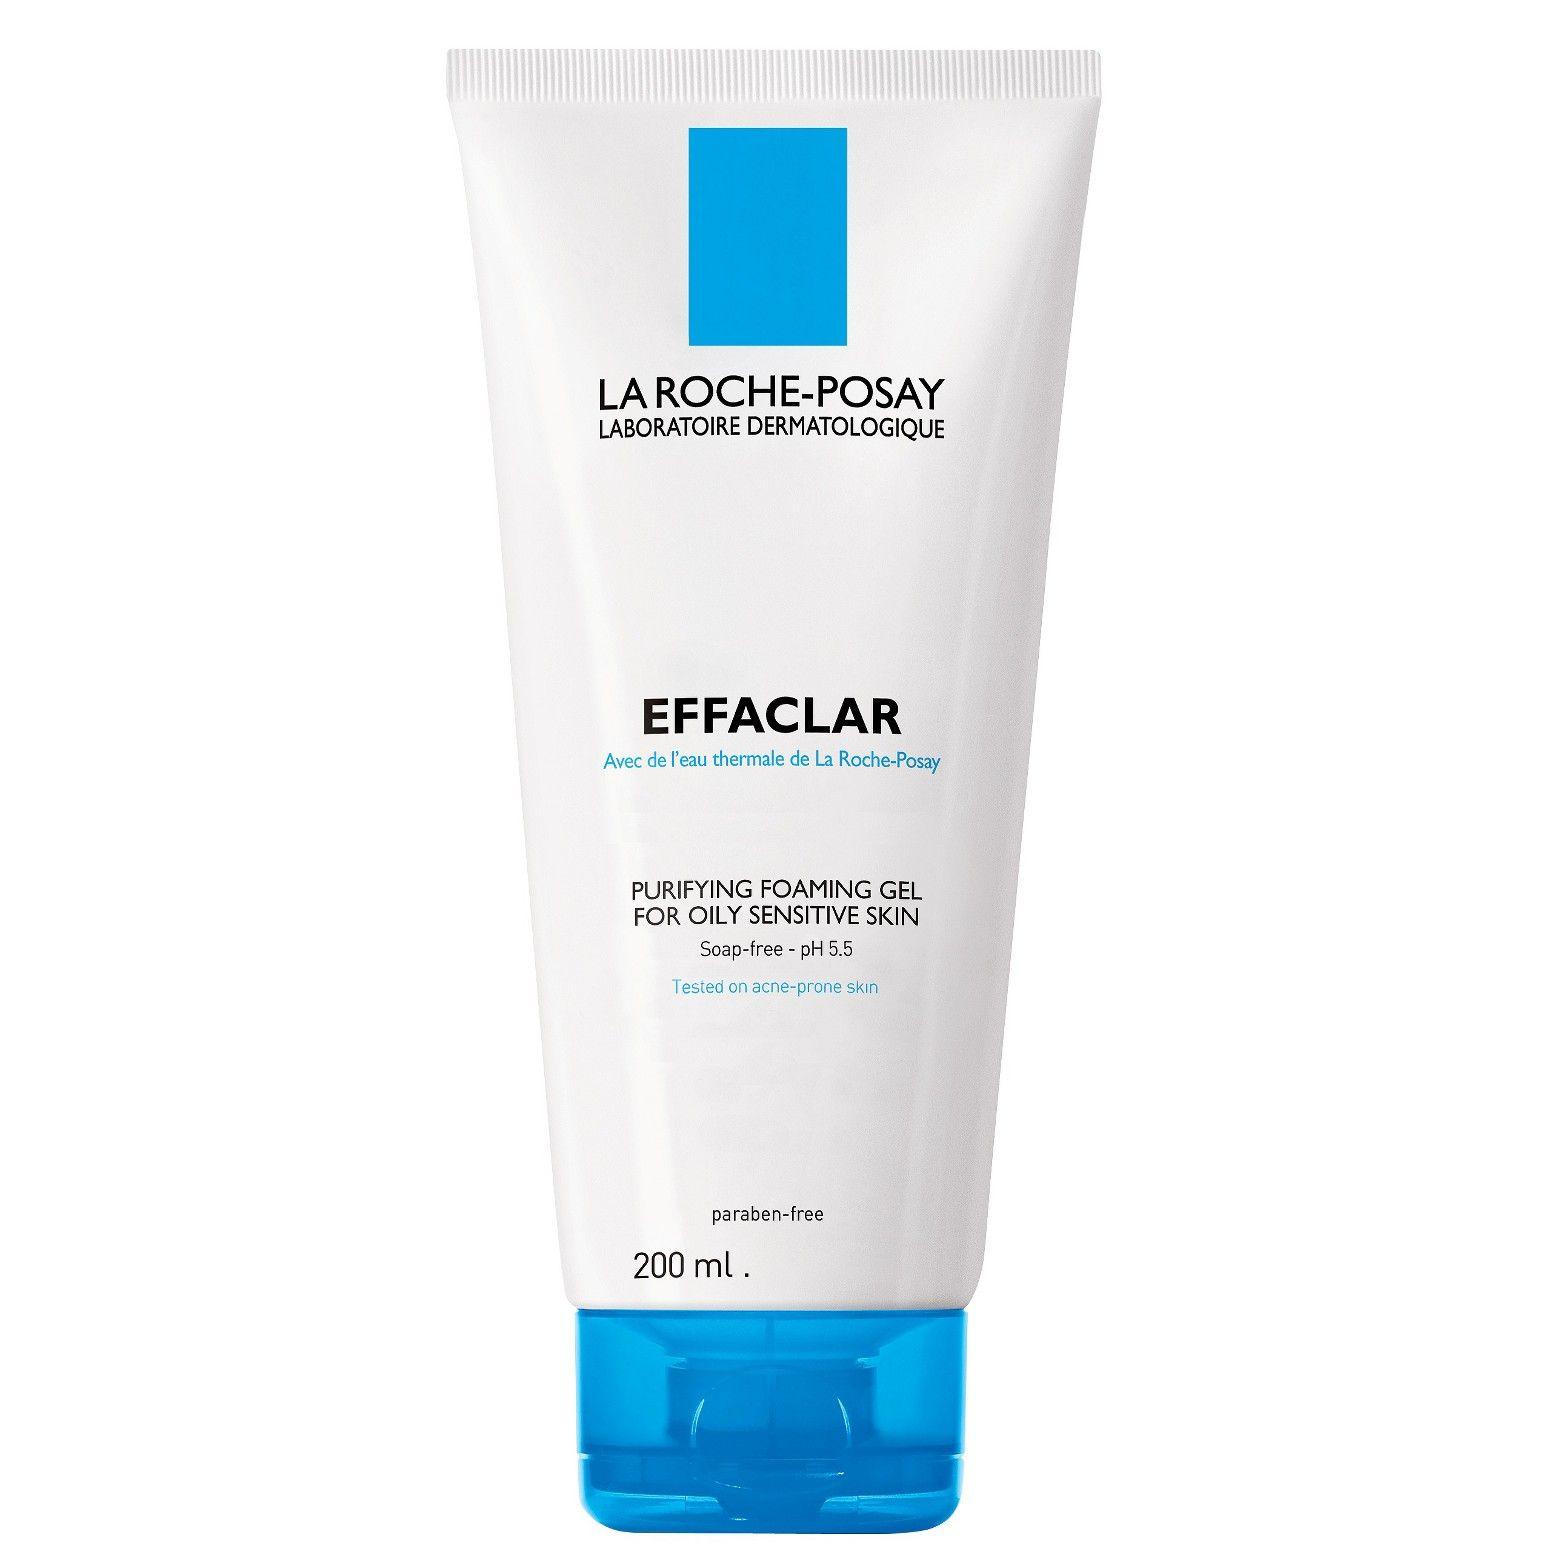 La Roche Posay Effaclar Purifying Foaming Gel Face Cleanser 6 76 Fl Oz Oily Sensitive Skin Gel Cleanser La Roche Posay